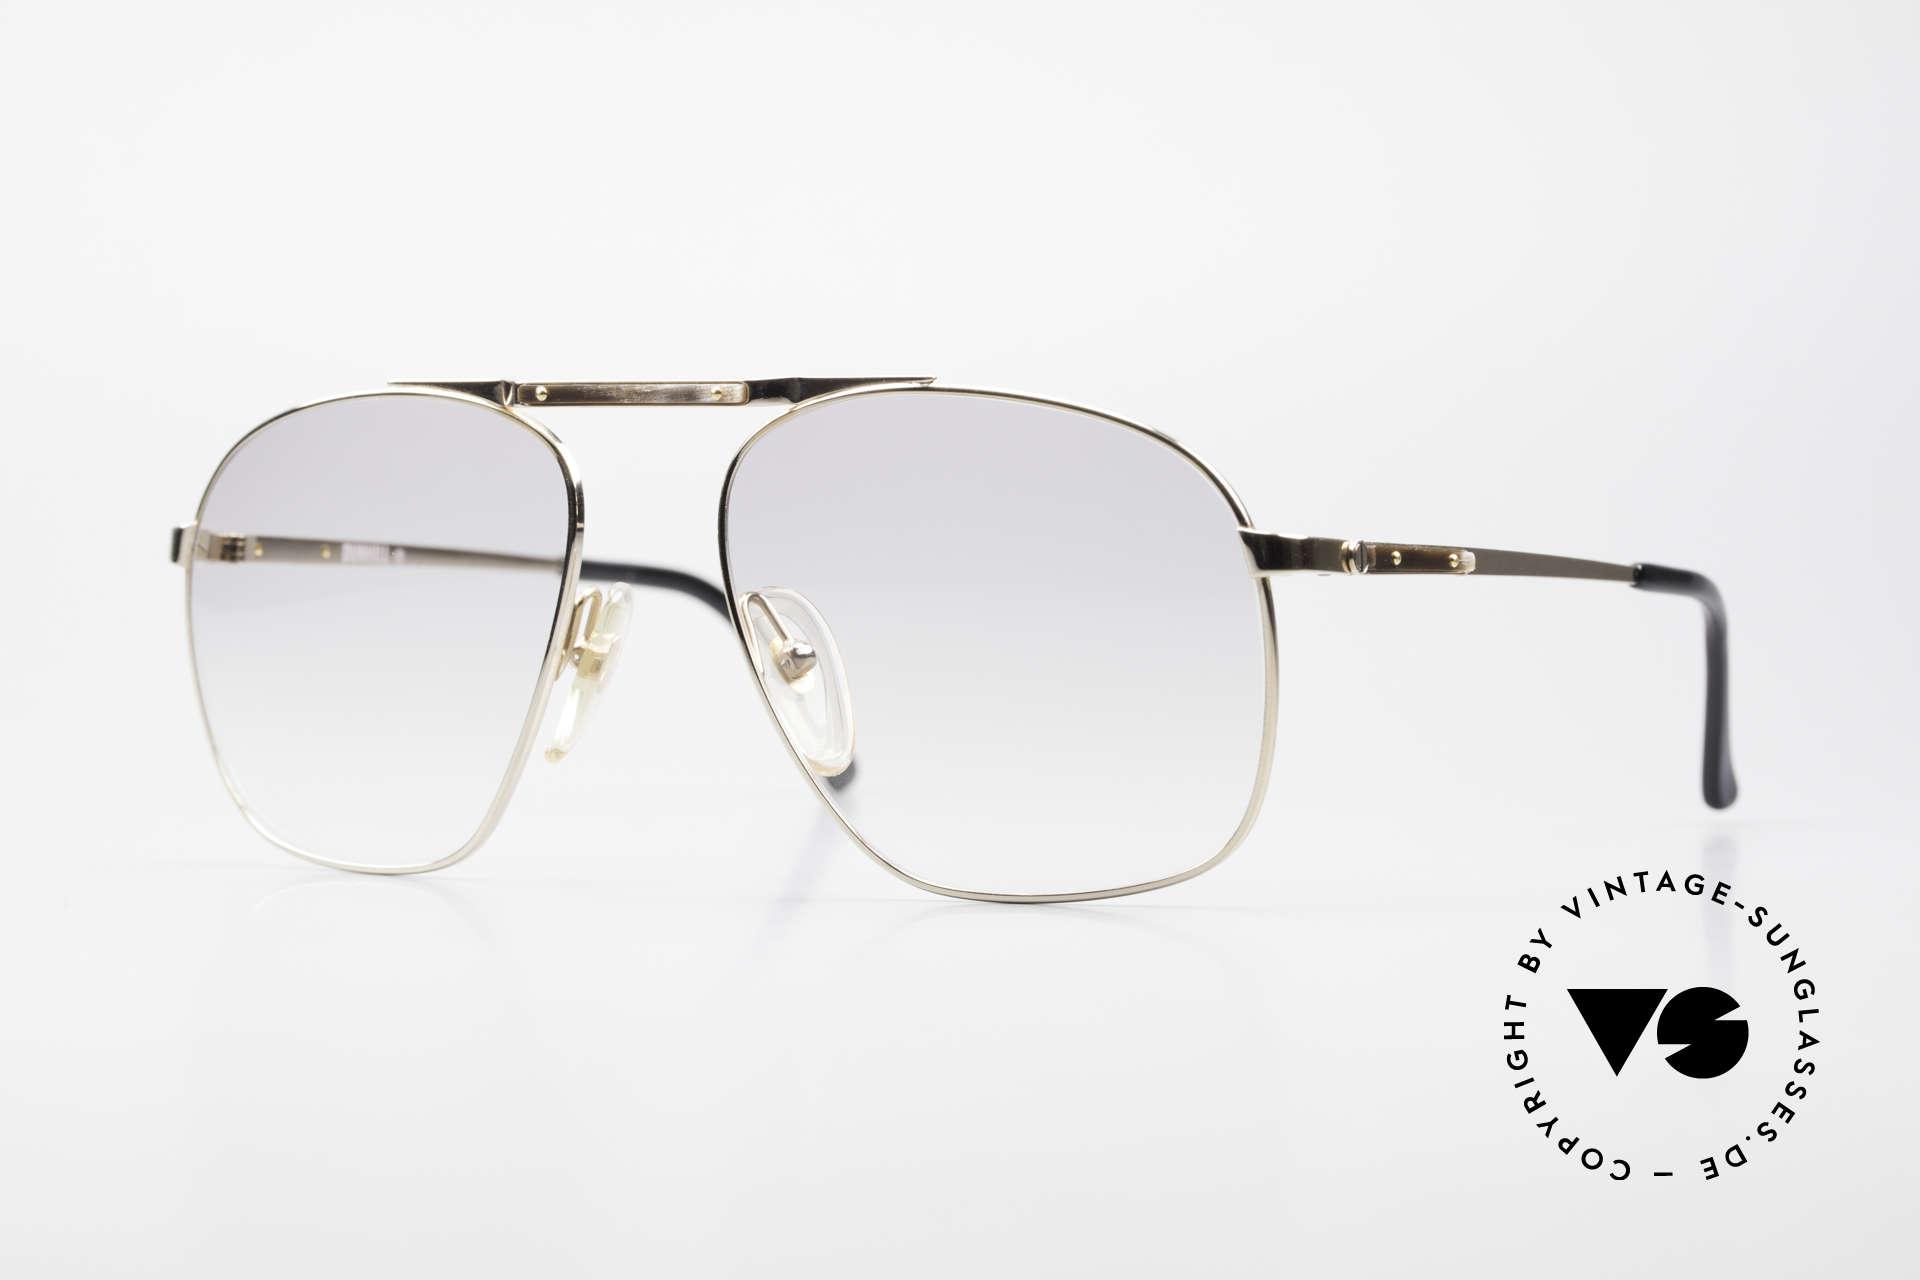 Dunhill 6046 80er Brille Horn-Applikationen, die 80er Jahre Dunhill Kollektion = ein Inbegriff von Stil, Passend für Herren